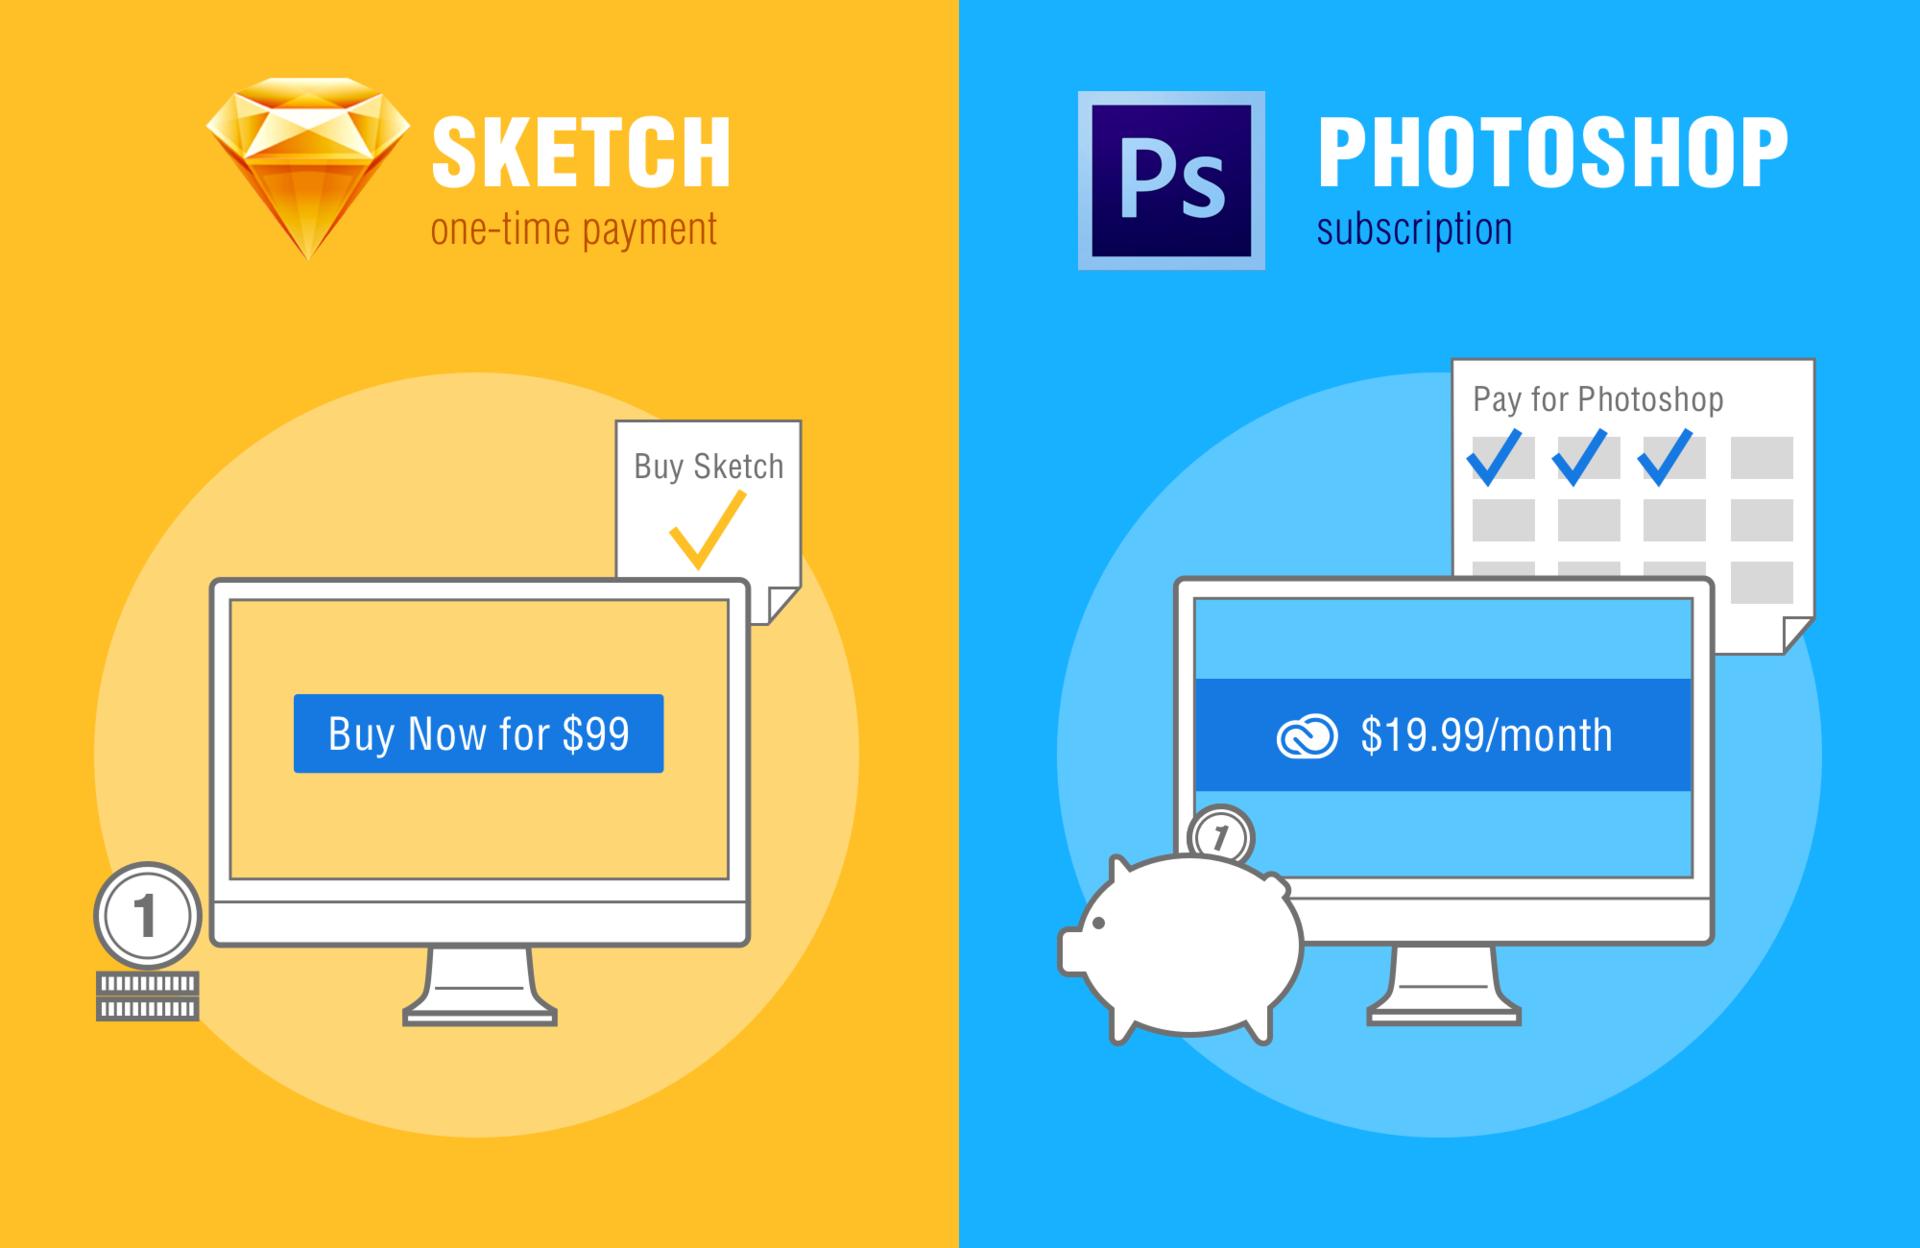 Photoshop, Sketch инструментарий UI-UX-дизайнеров: что выбрать для разработки интерфейсов? - 3